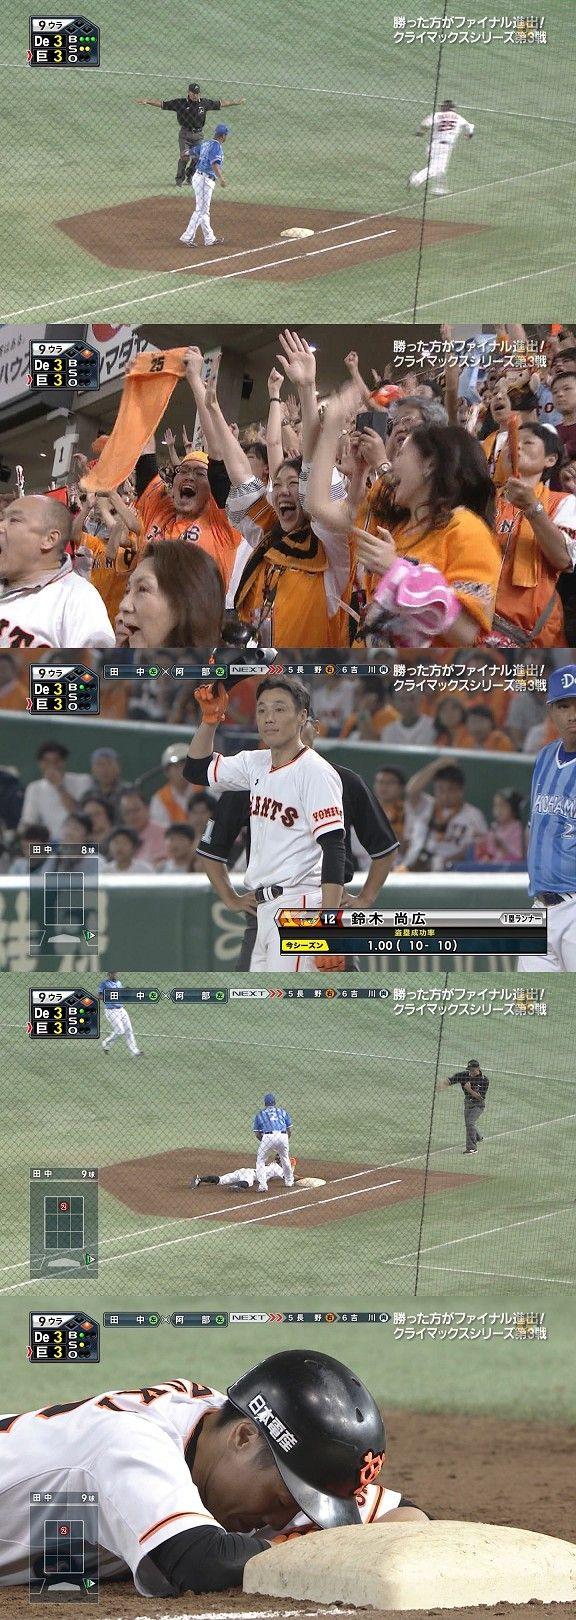 http://livedoor.blogimg.jp/news4wide/imgs/e/6/e6c5d70d.jpg